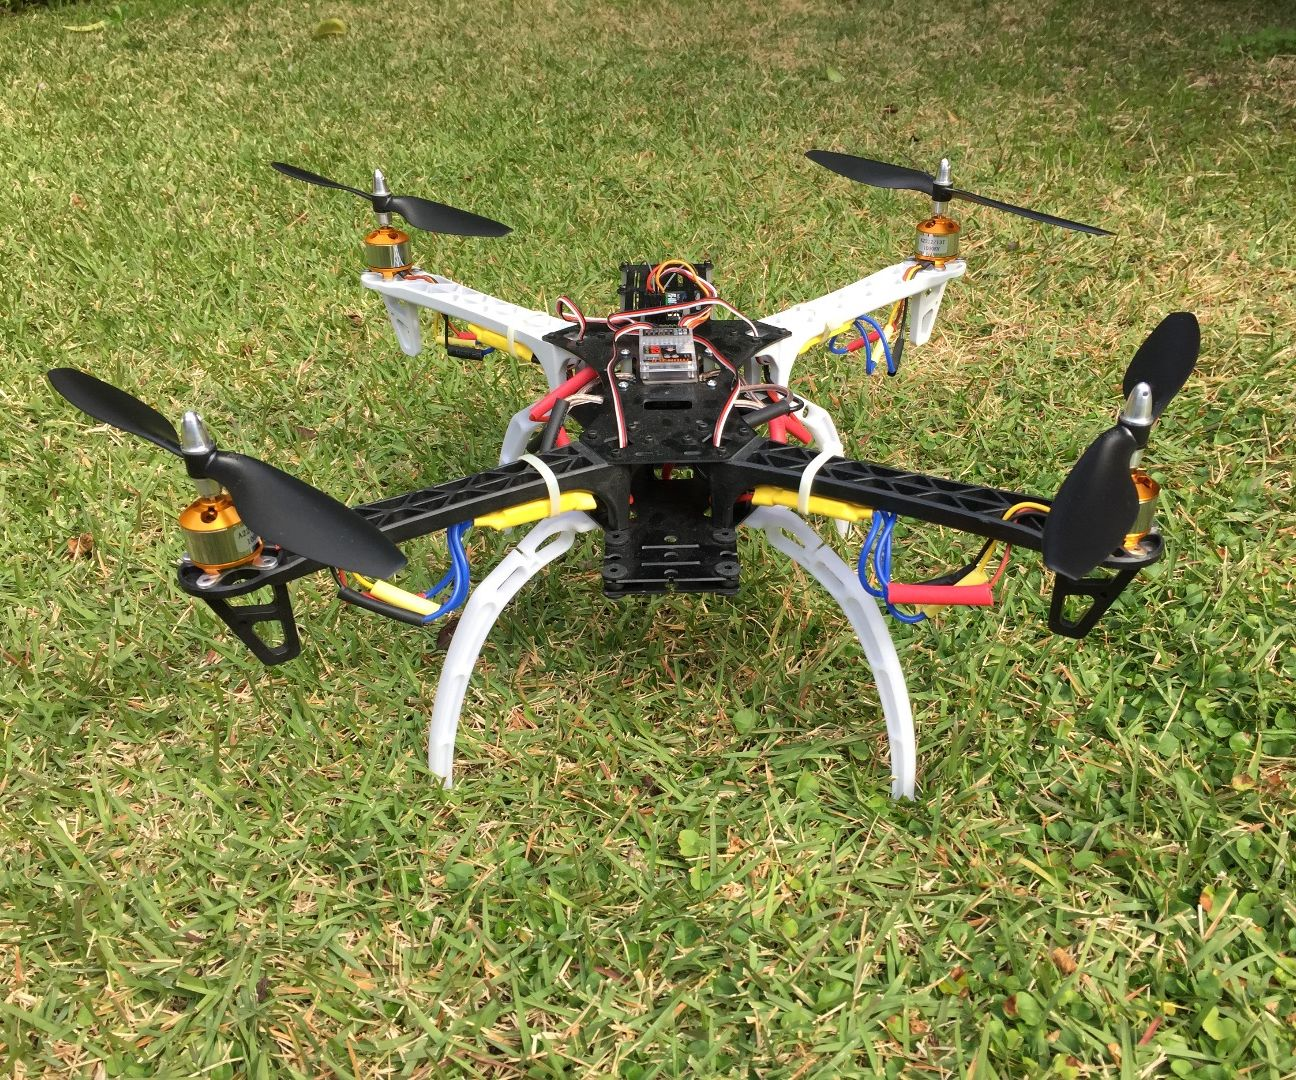 The Quadcopter